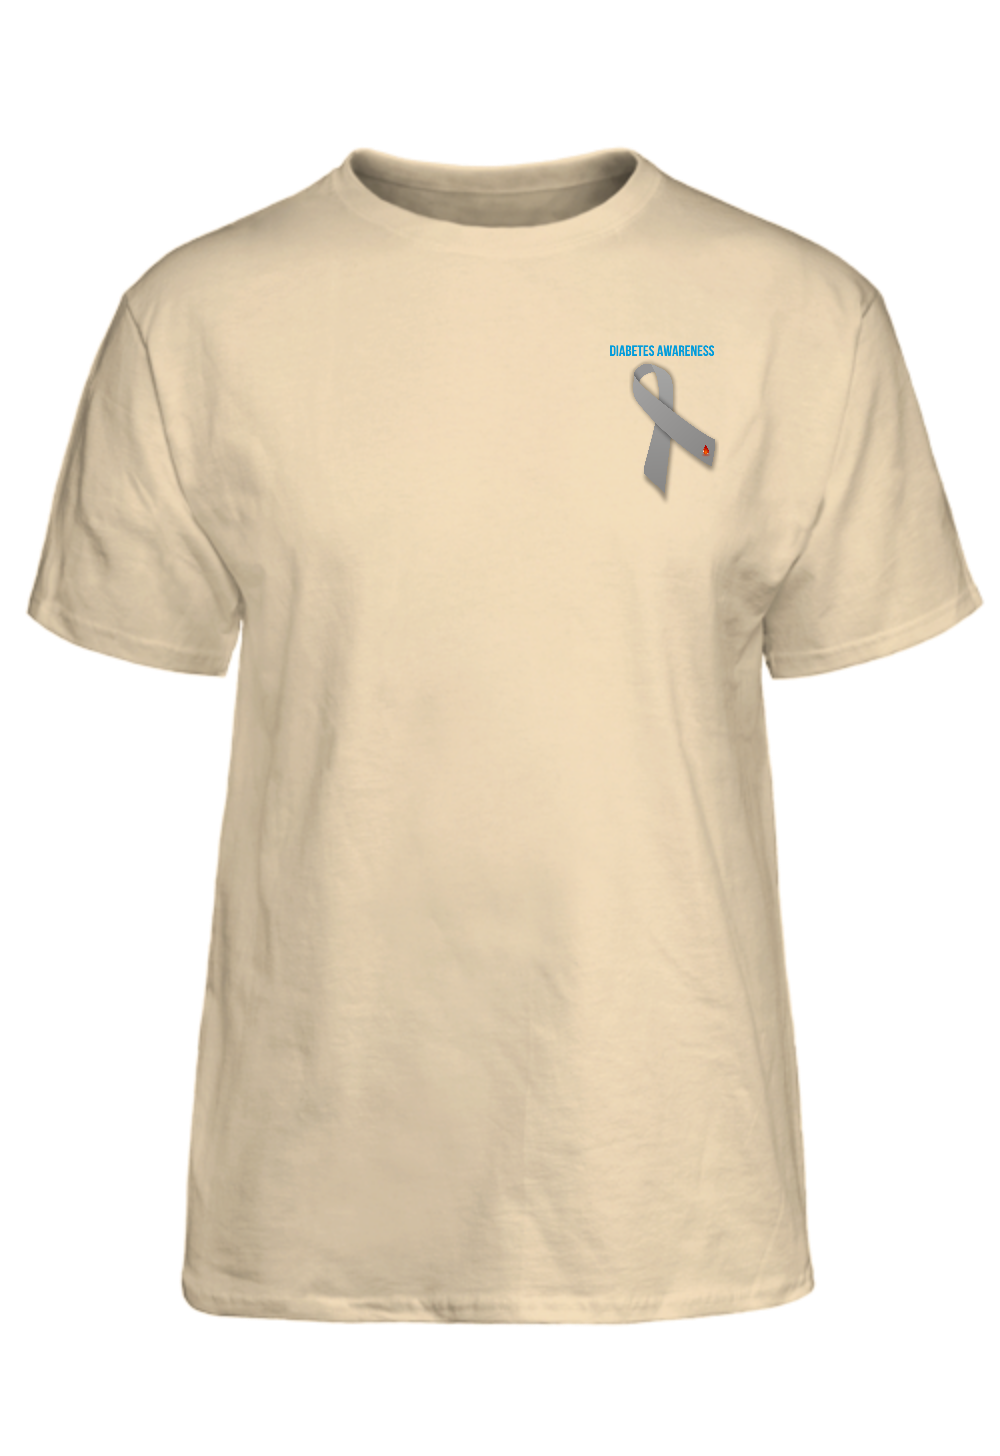 Diabetes Awareness Shirts Basic Tee